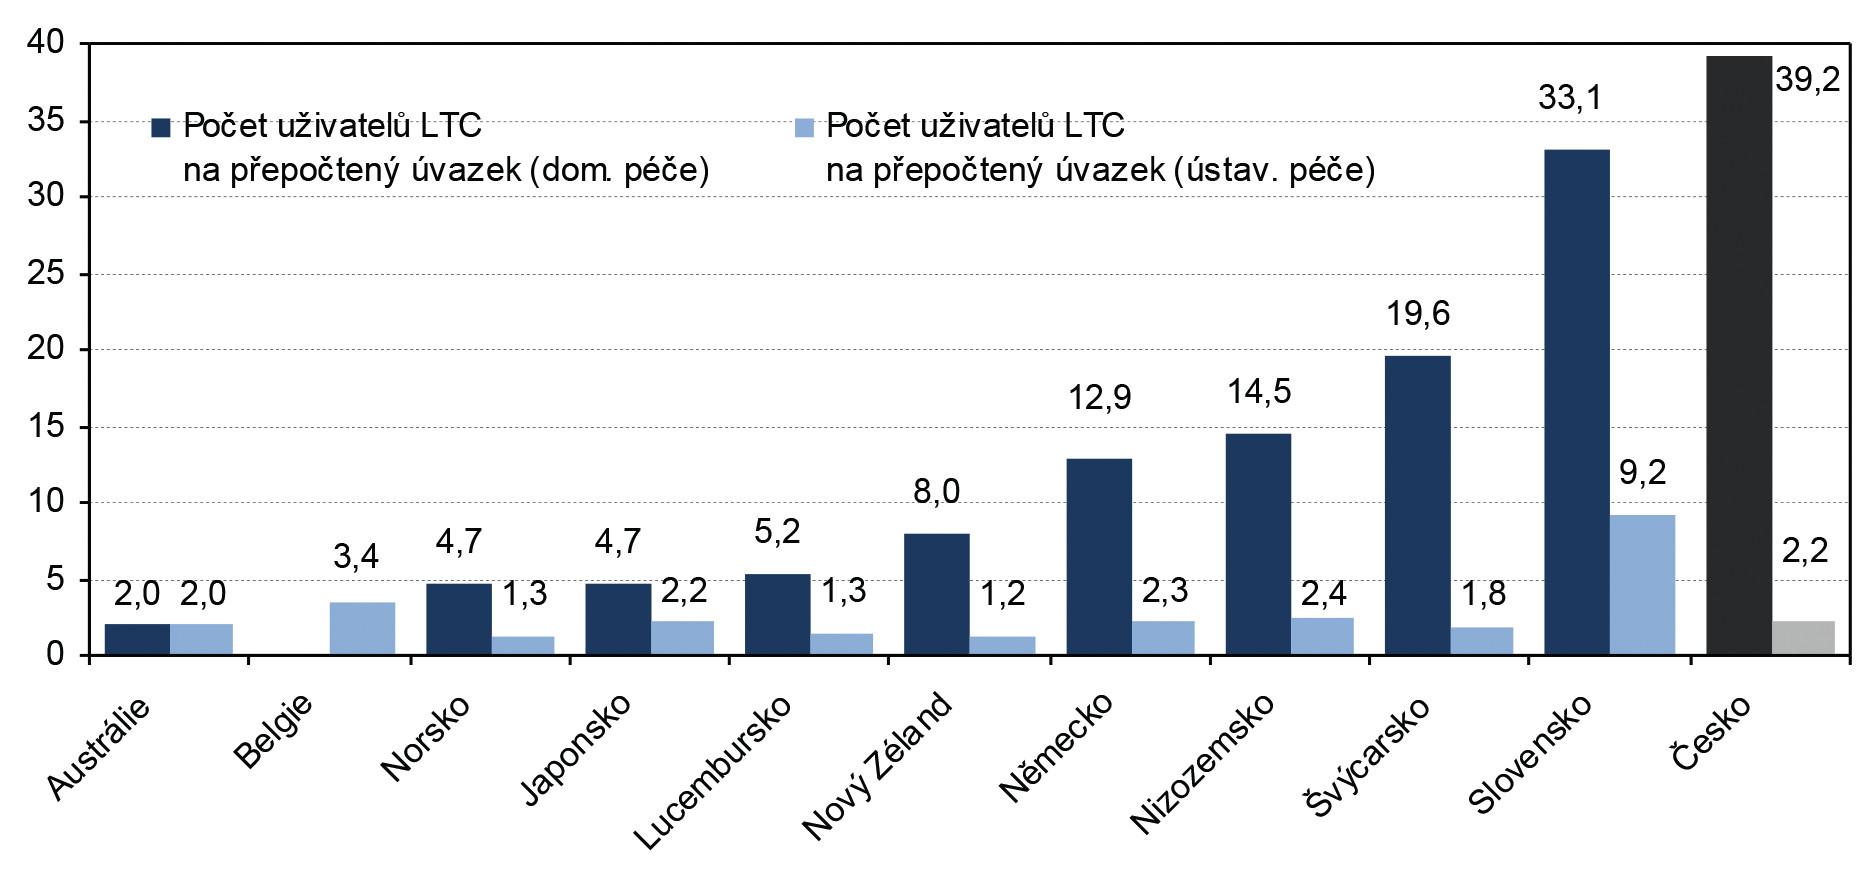 Počet uživatelů dlouhodobé péče na jeden přepočtený úvazek v domácí a ústavní péči Vybrané země OECD, 2008